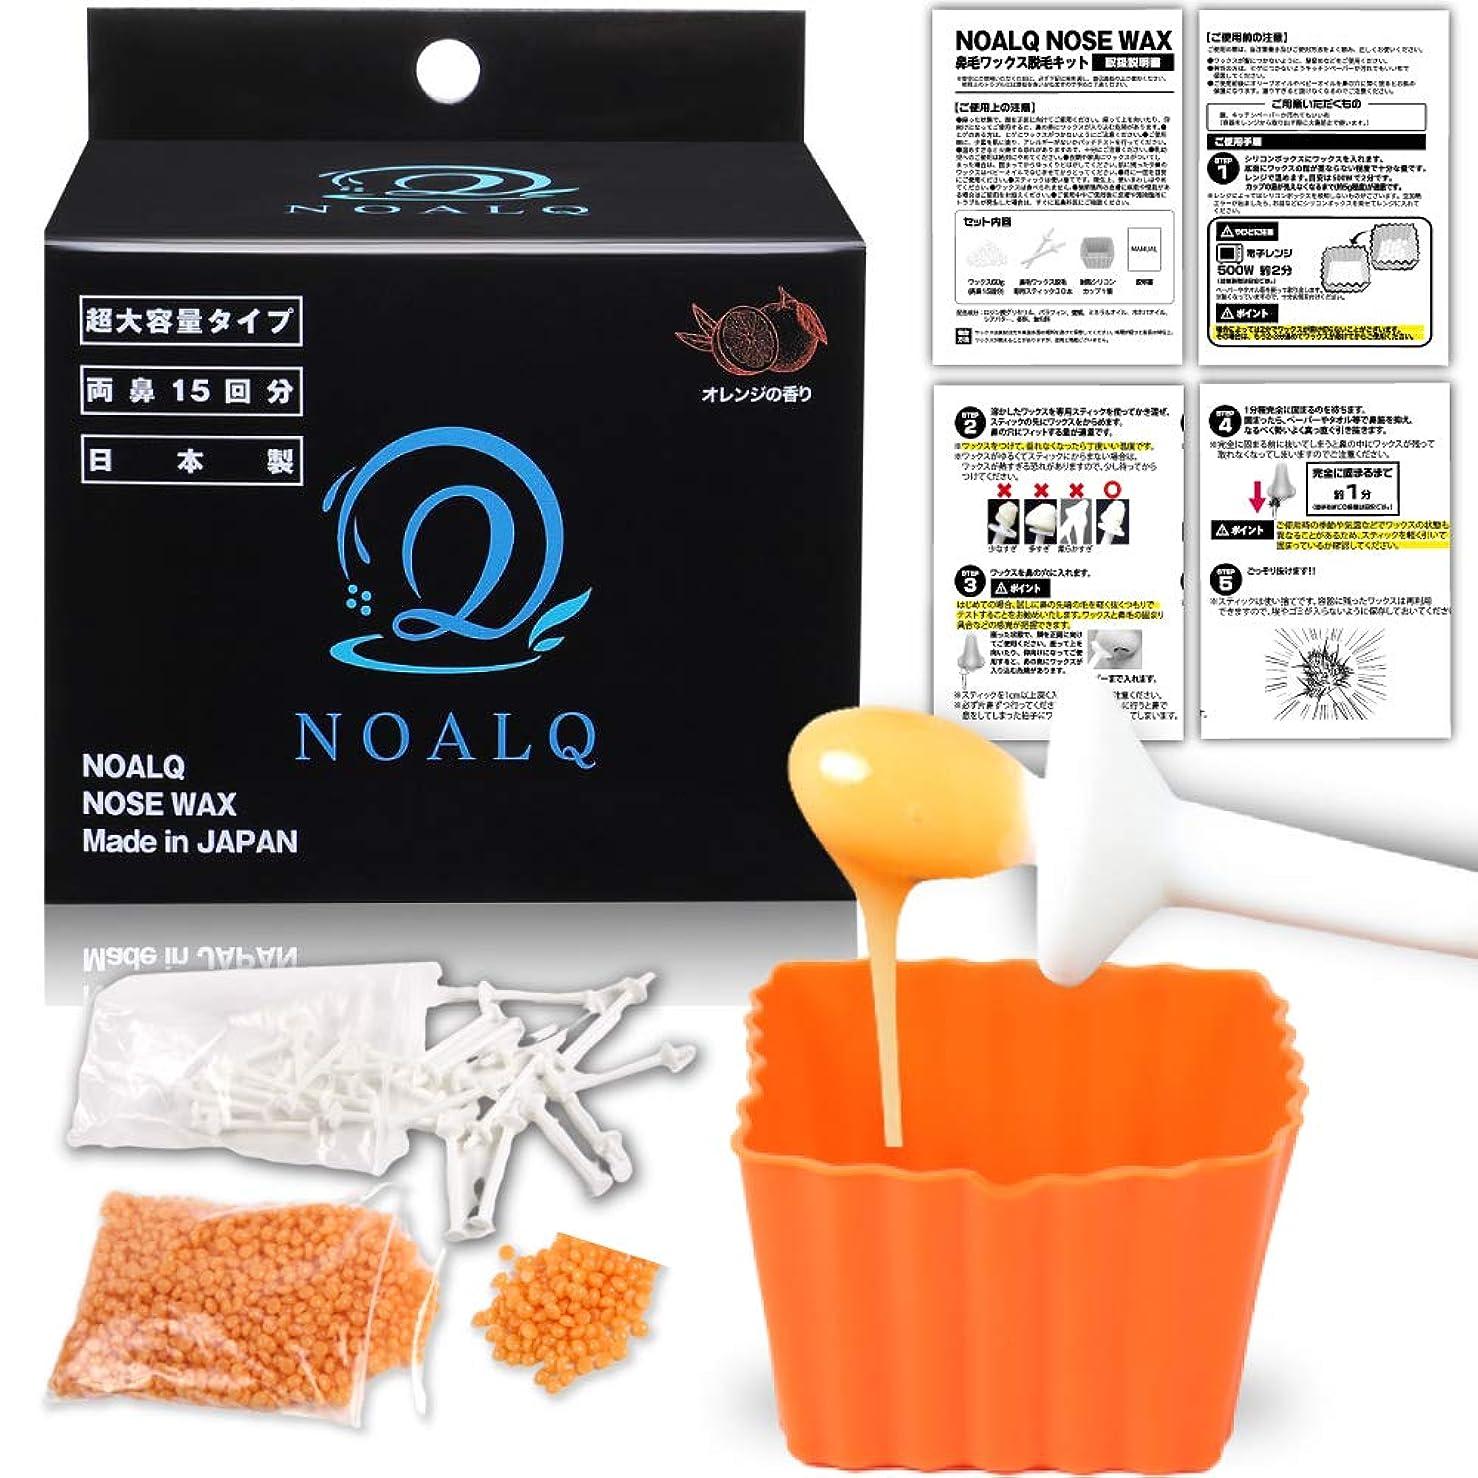 とても登録タワーNOALQ(ノアルク) ブラジリアンワックス 鼻毛 ワックス 超大容量両鼻15回分 ワックス60g スティック30本 日本製 (シアバター ホホバオイル 食品グレードロジンエステル)オレンジフレーバータイプ